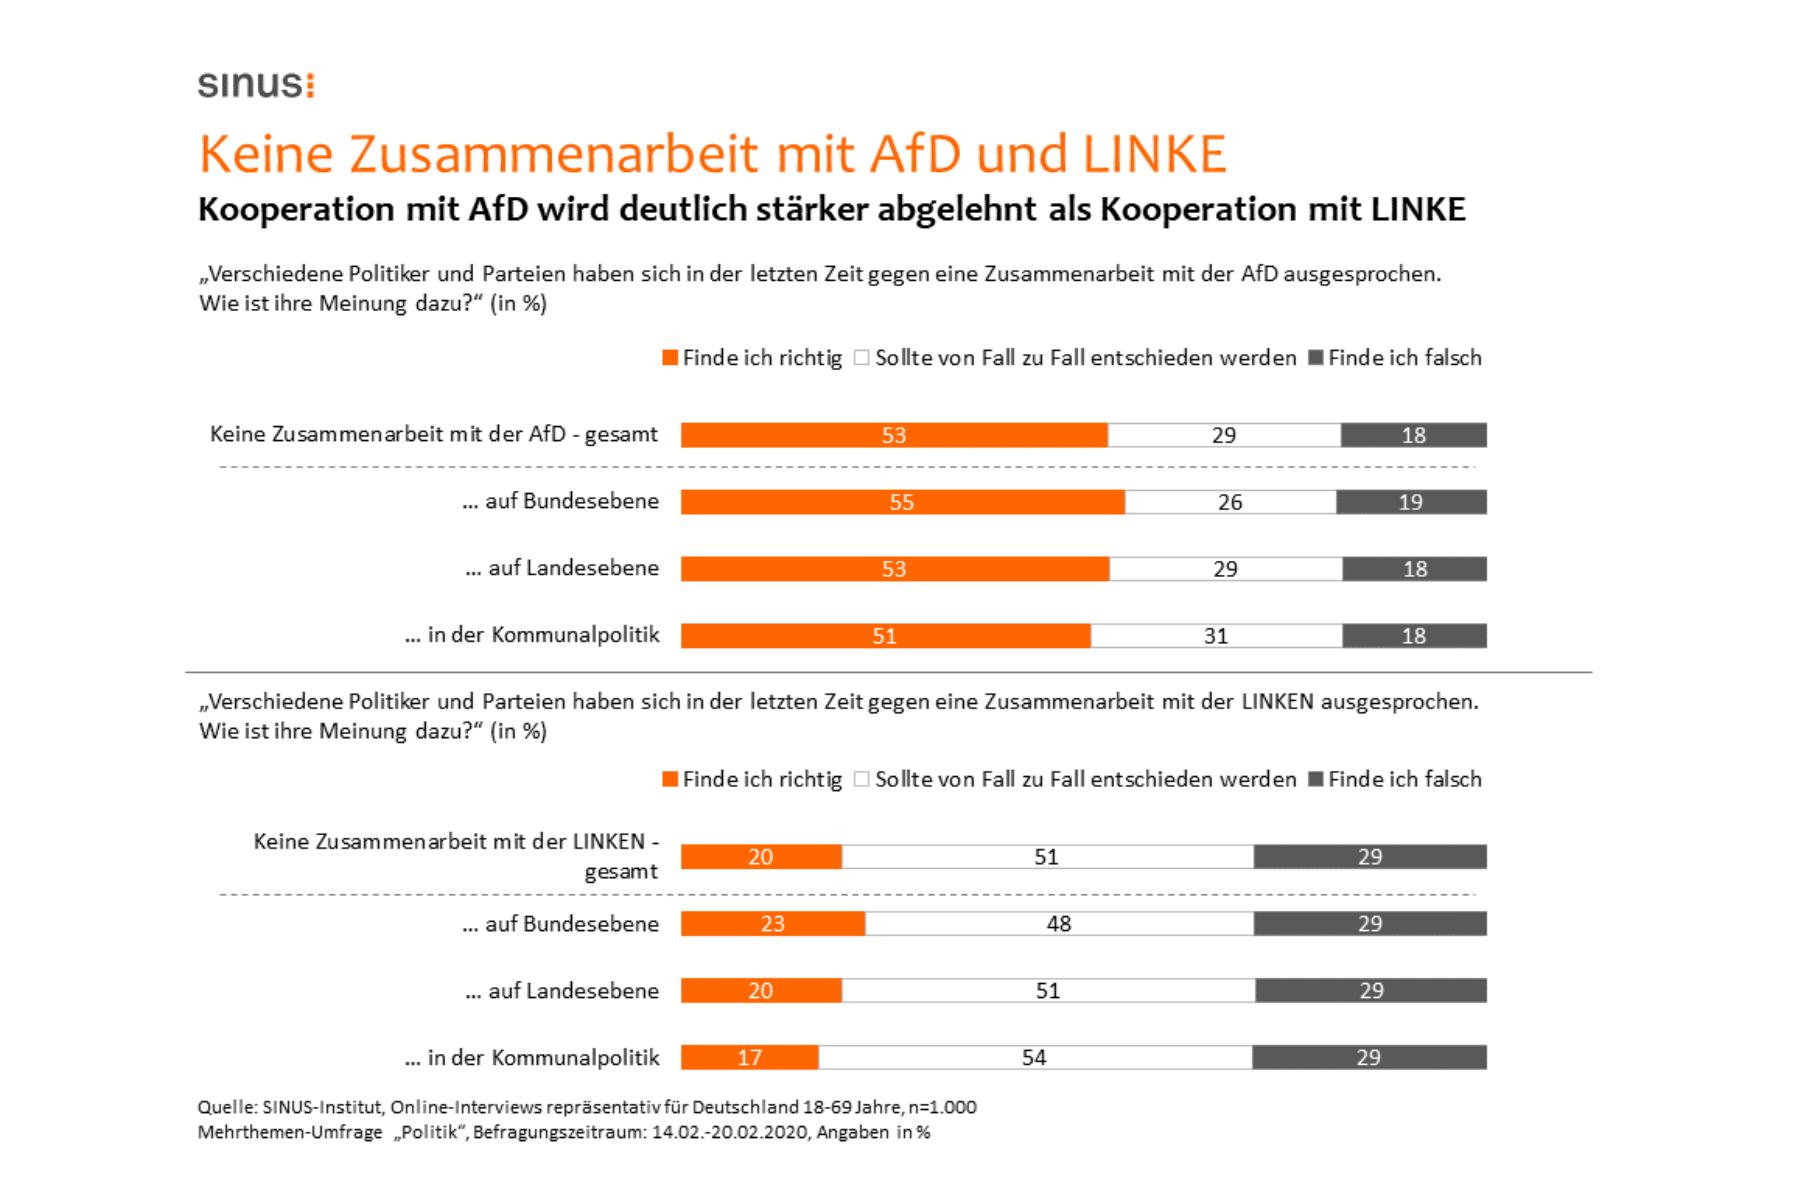 Studie: Zusammenarbeit mit AfD wird deutlich stärker abgelehnt als Zusammenarbeit mit Linke